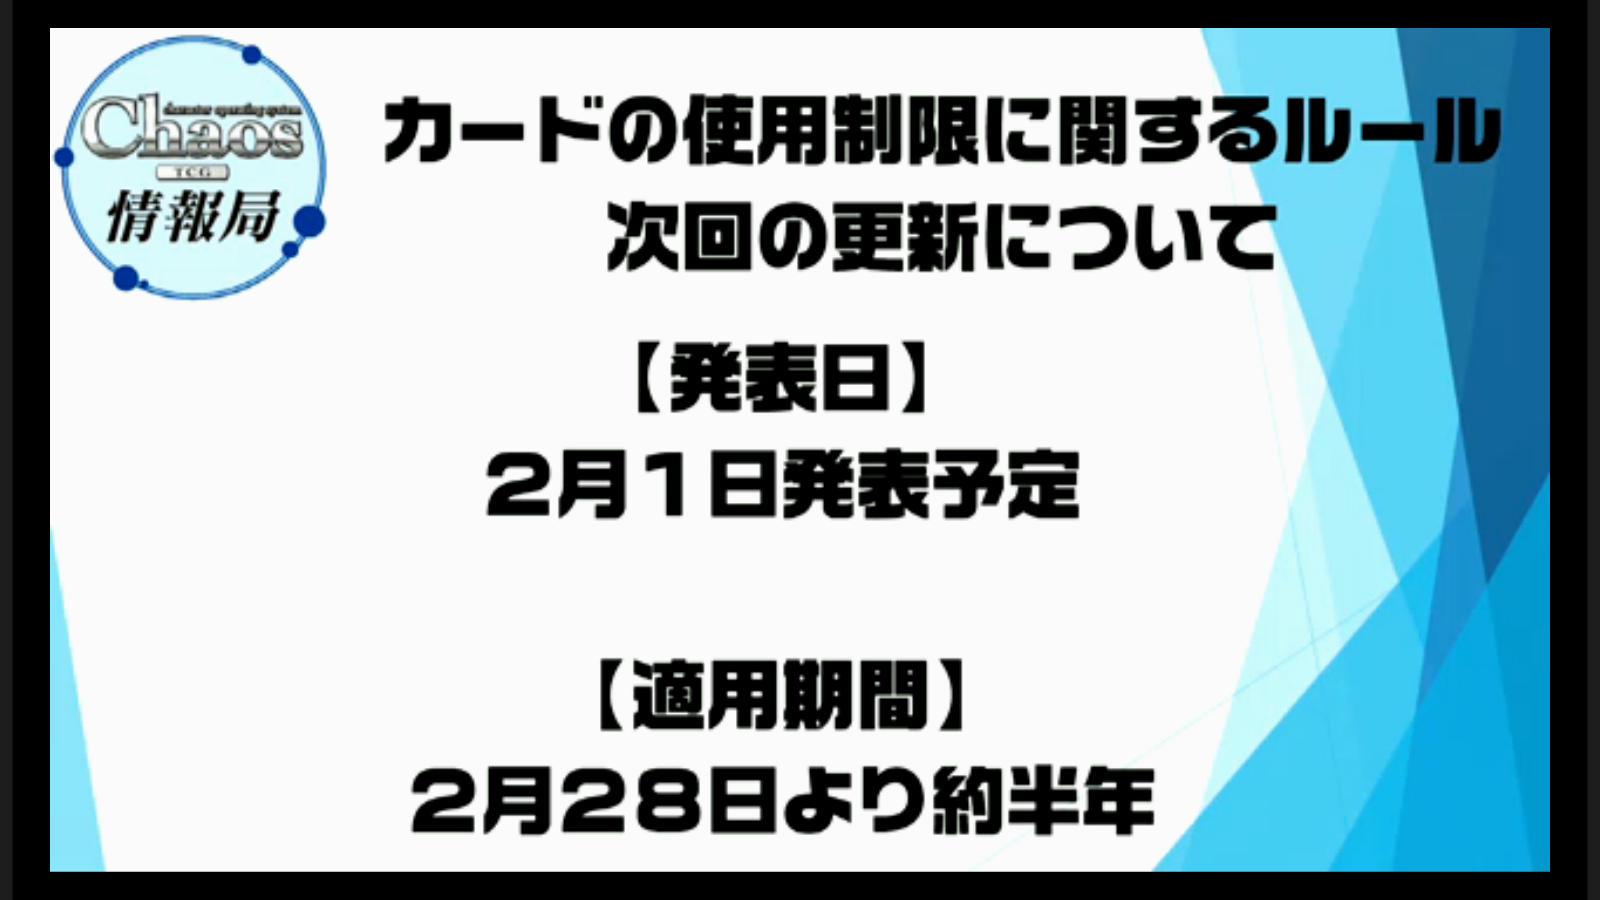 bshi-live-170112-021.jpg